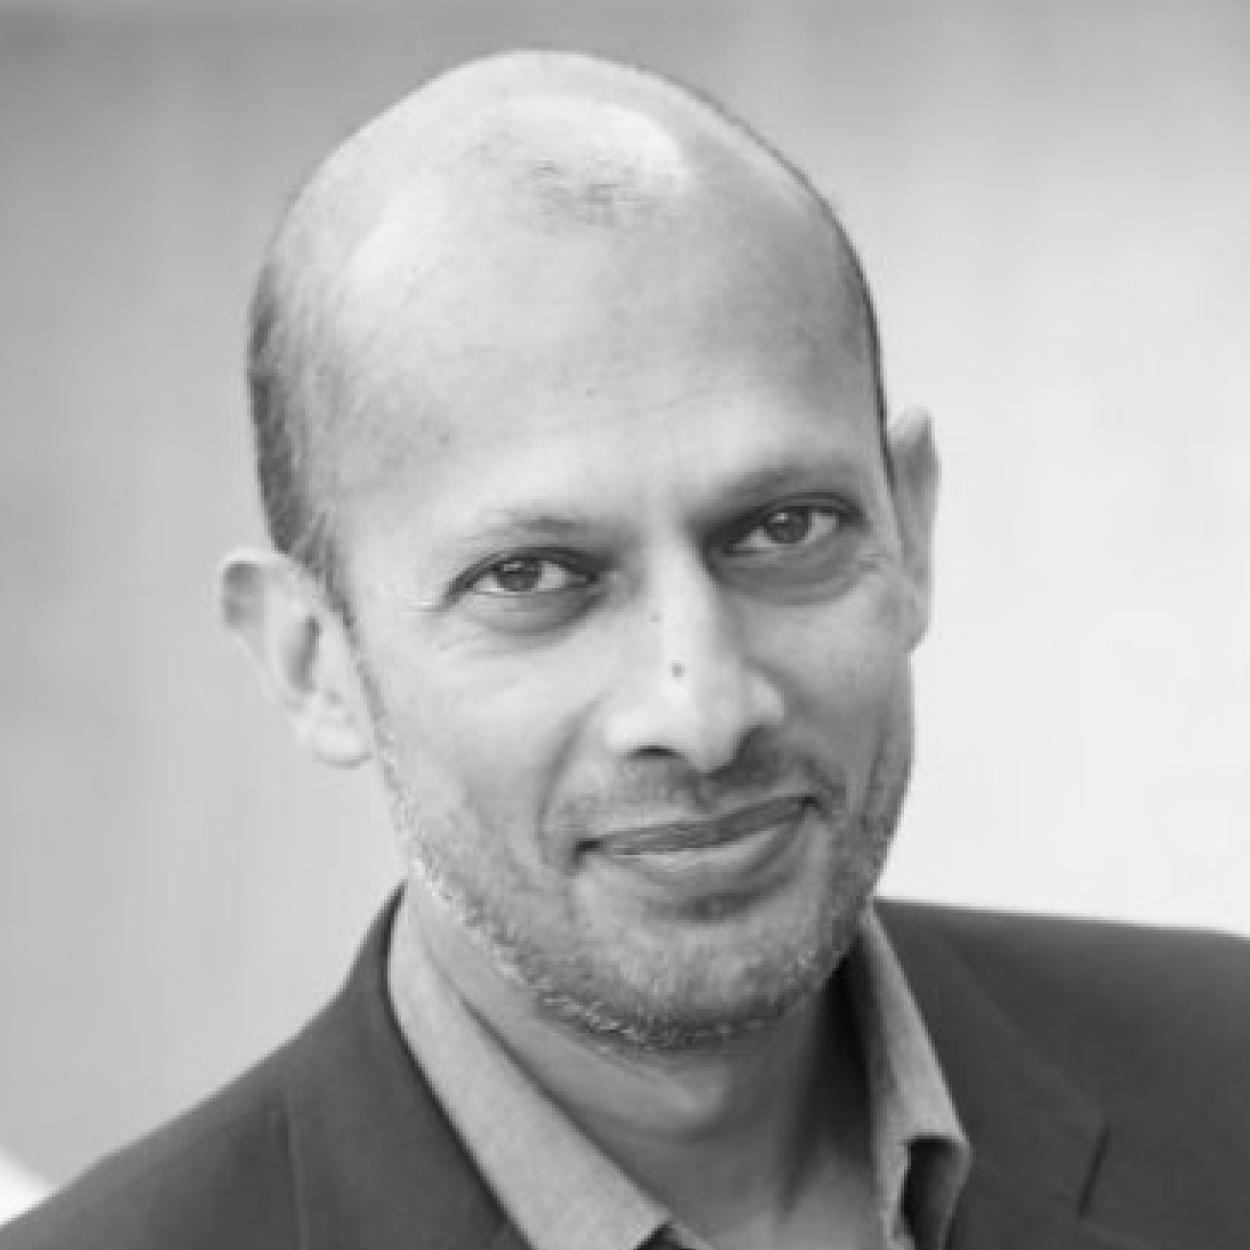 Sunil Maulik